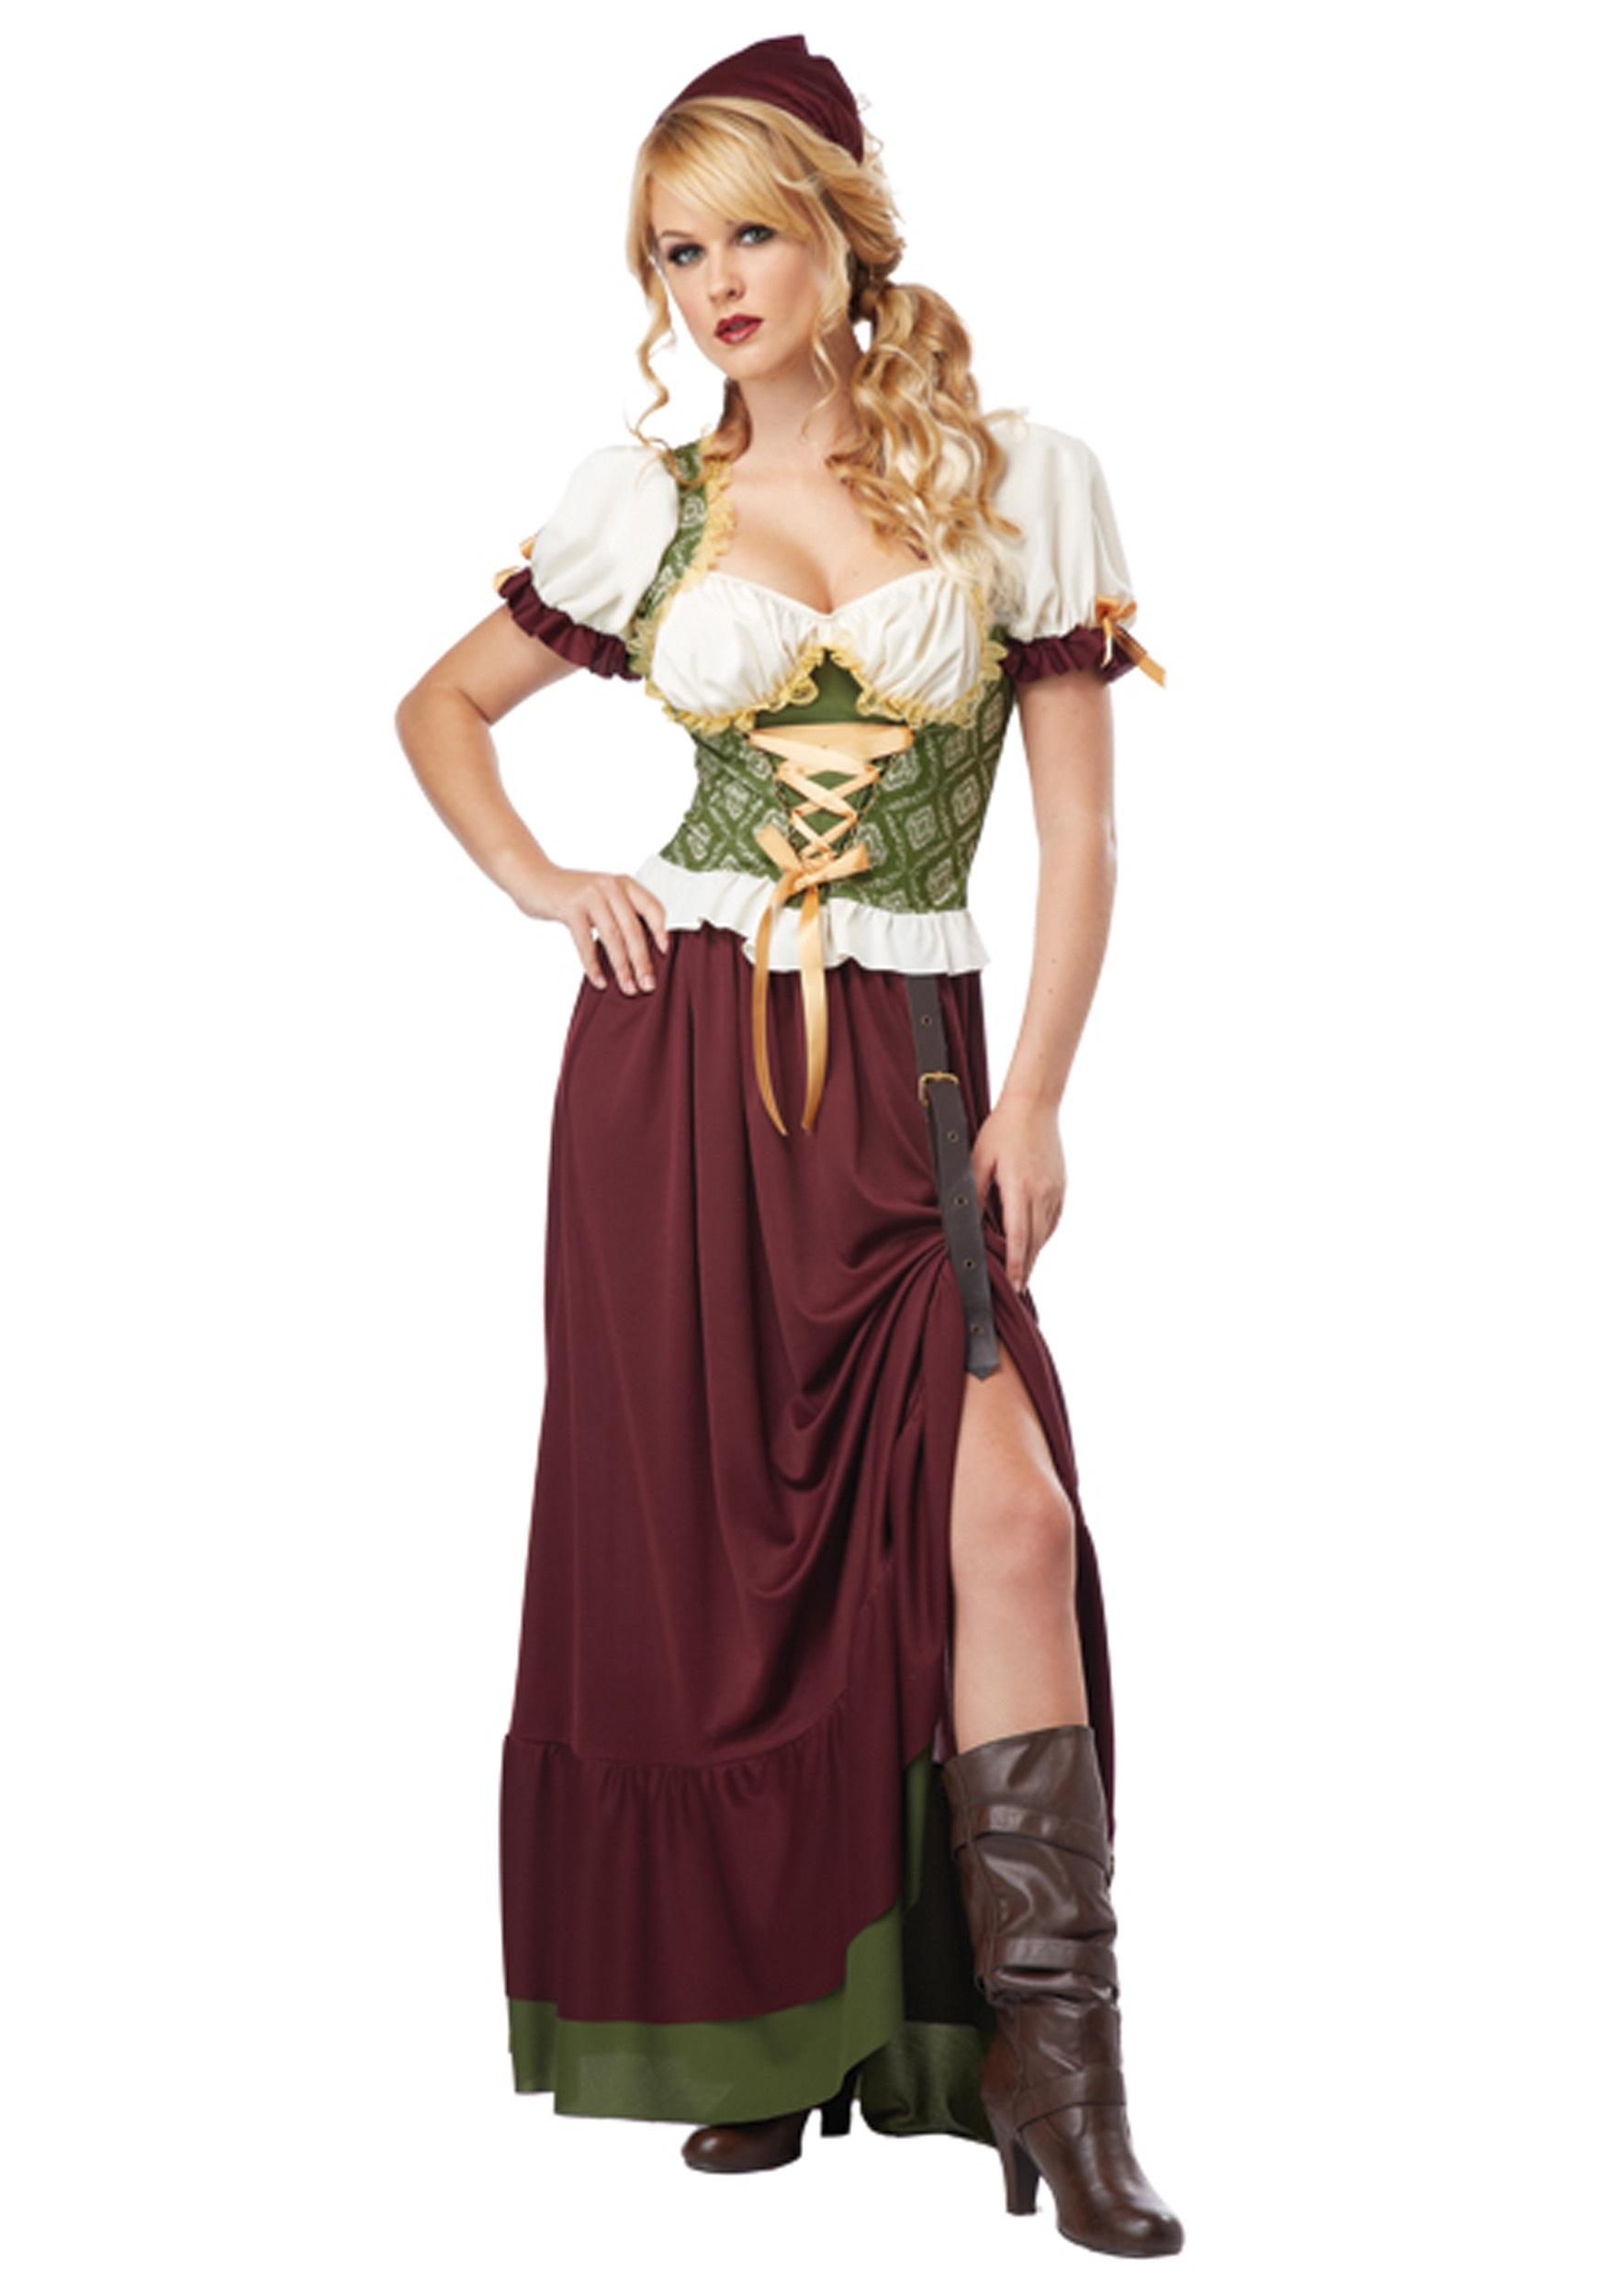 ec5cdf9bd616a Renaissance Wench Costume